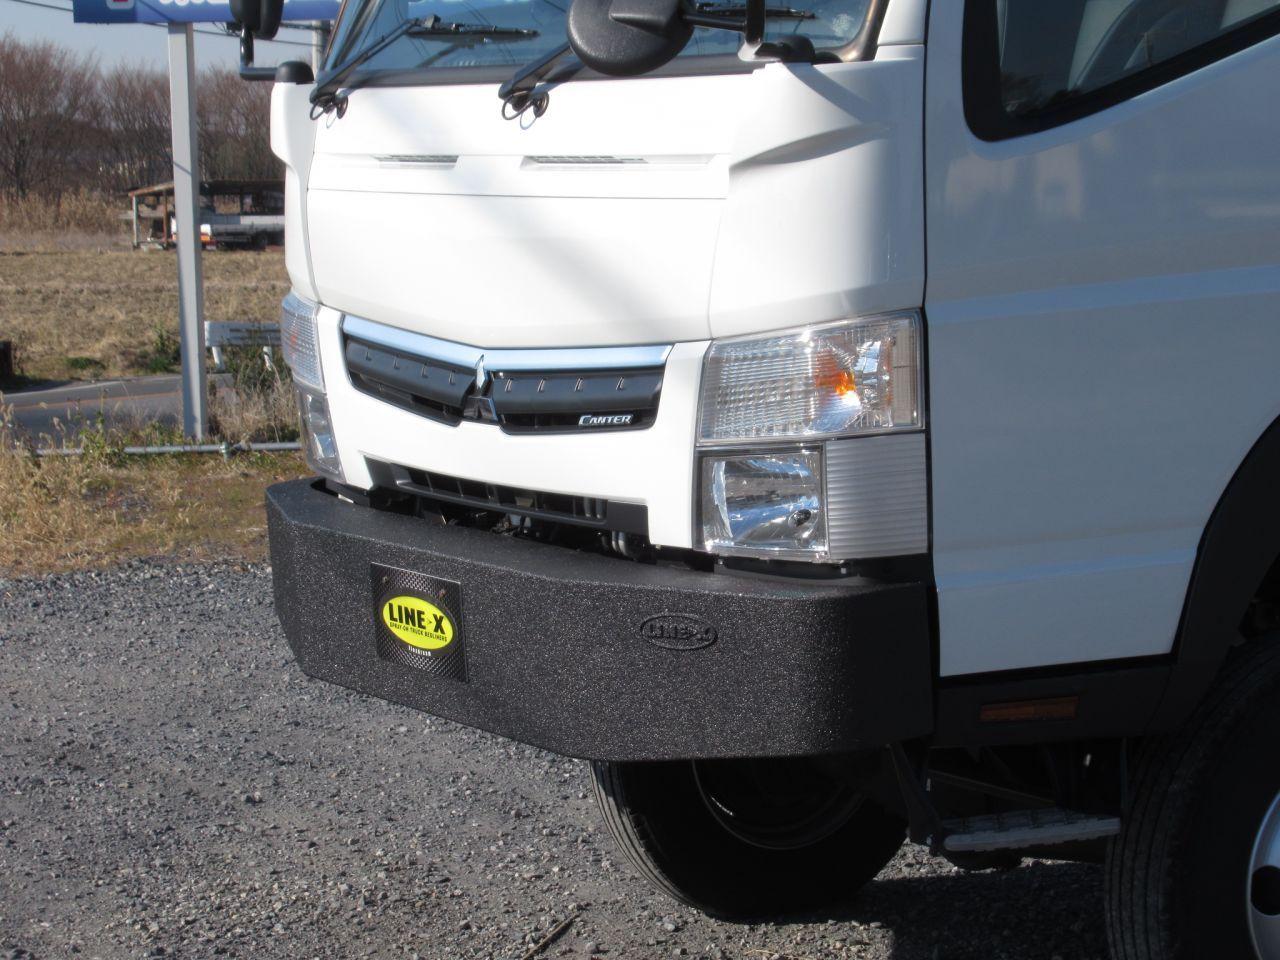 キャンタートラック ワンオフバンパー Line X ラインエックス 塗装 カスタム キャンター ワンオフ トラック